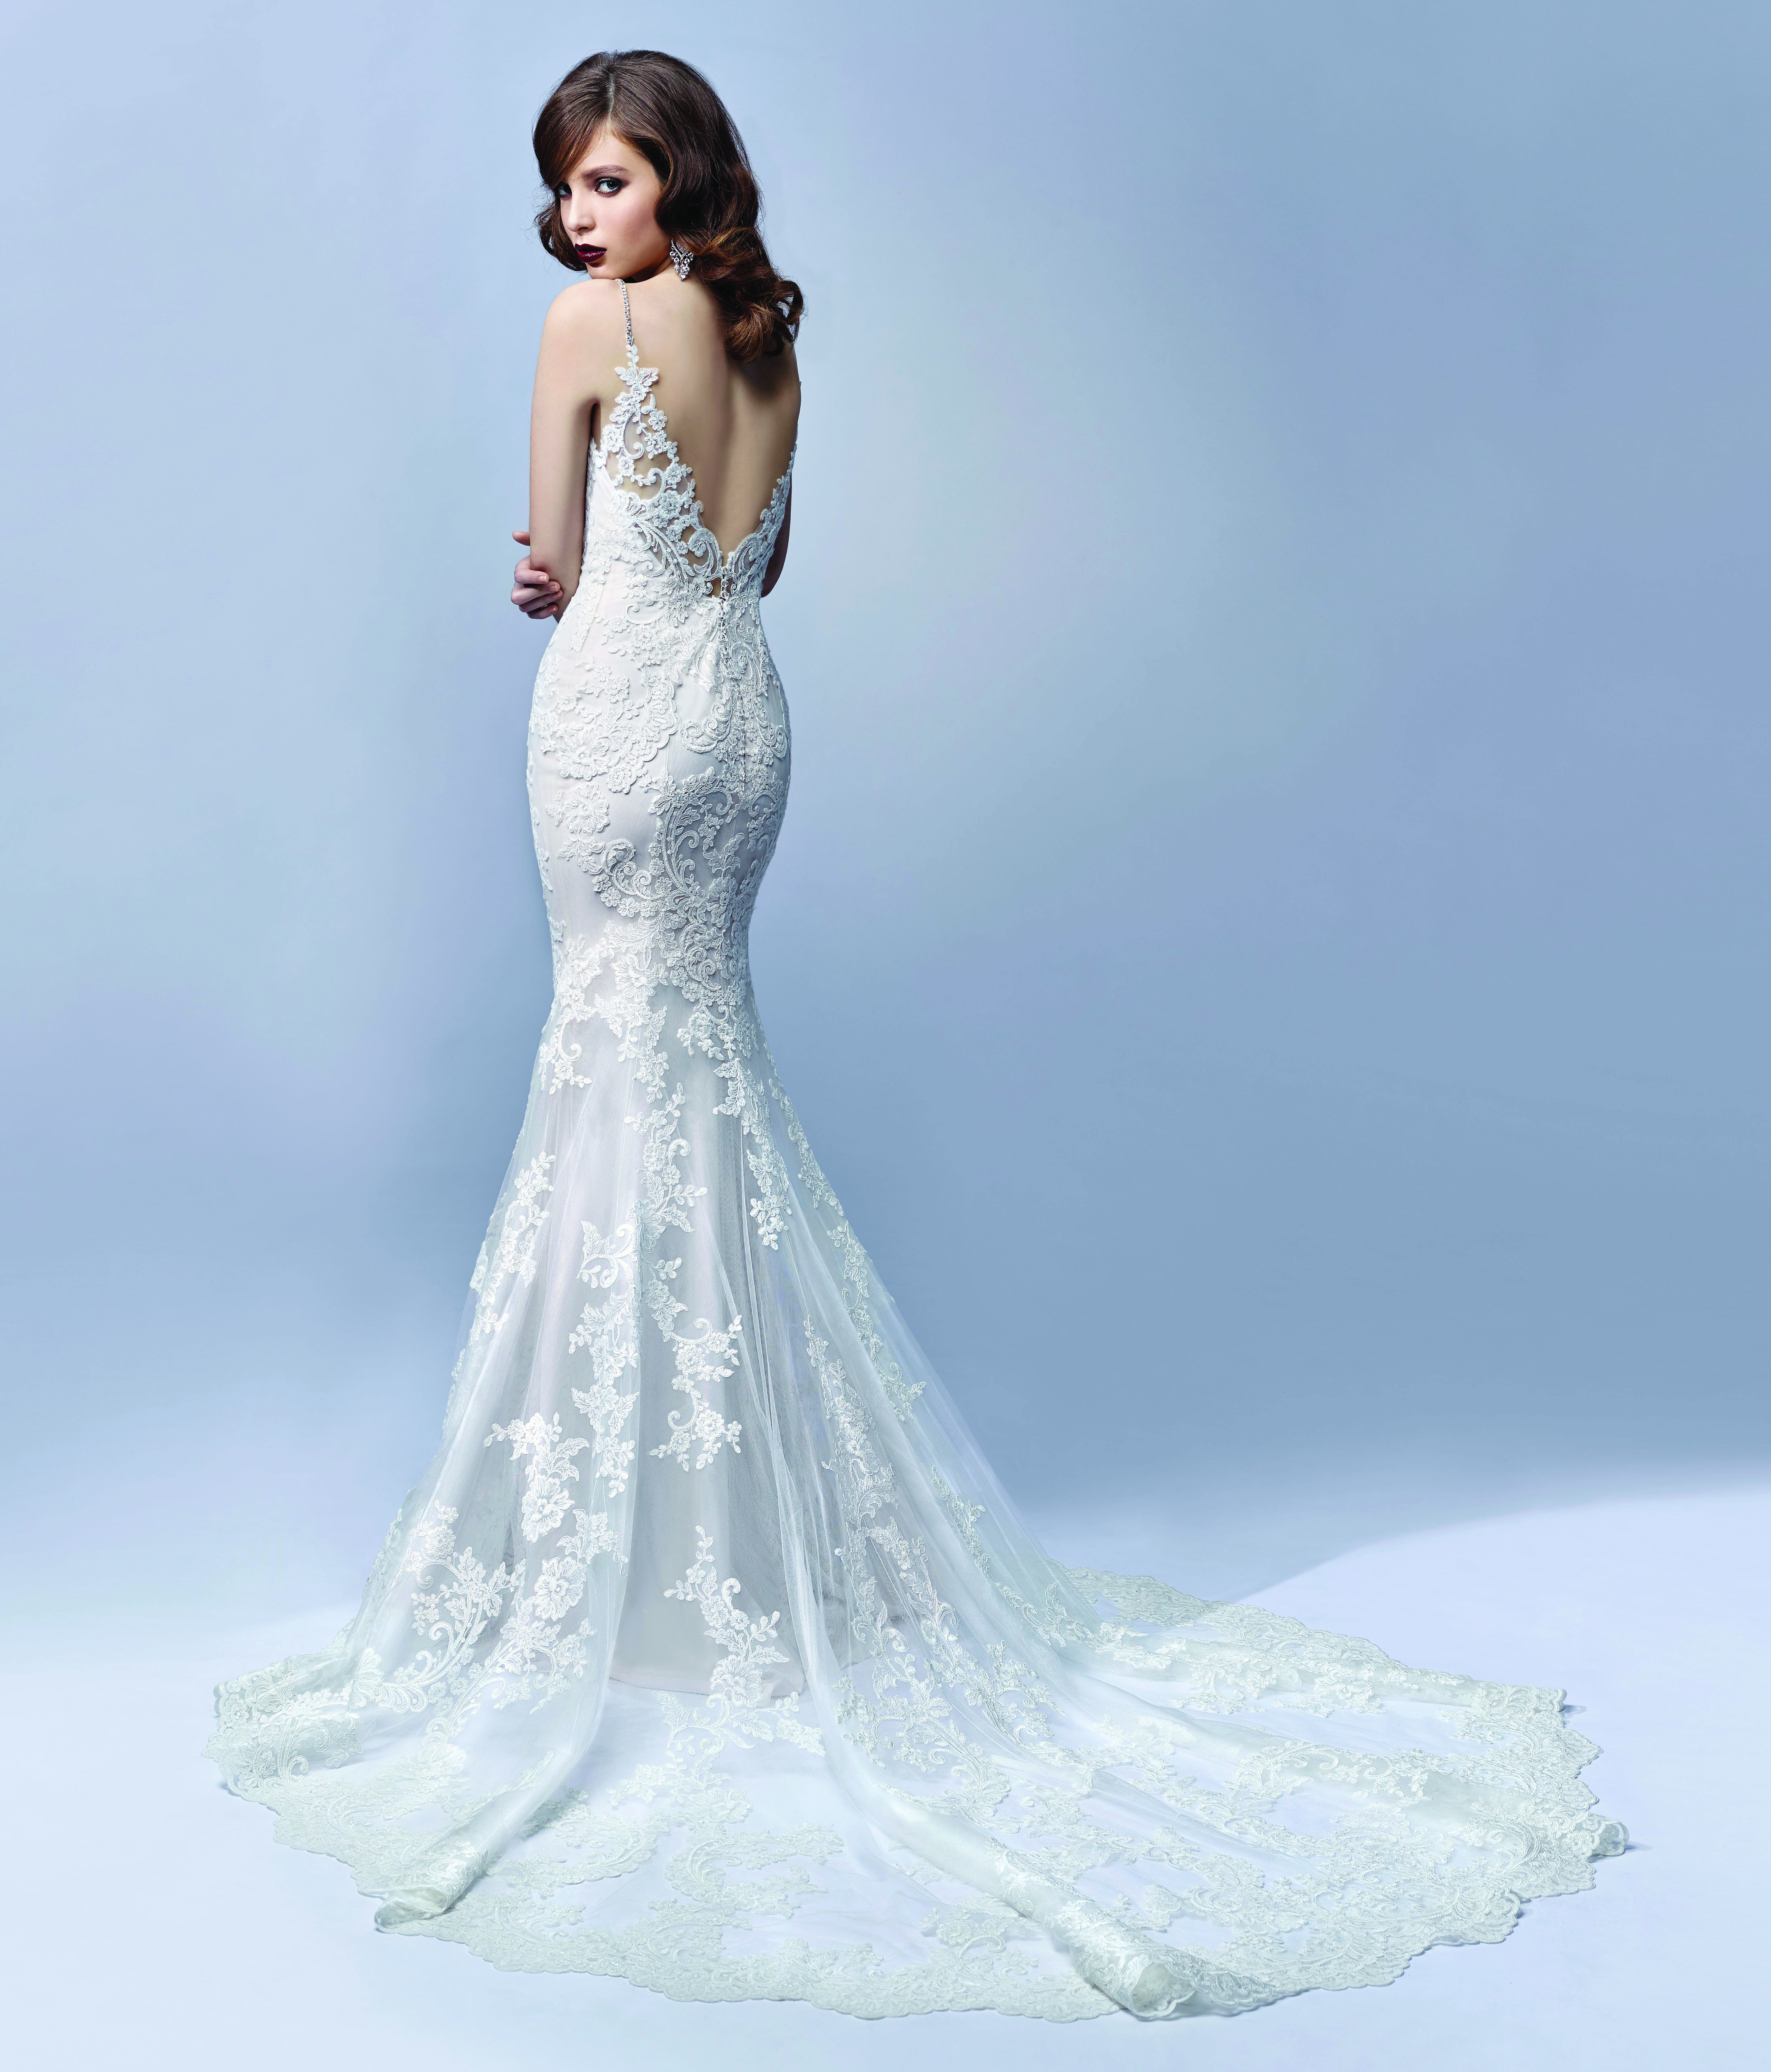 Enzoani bridalwear Journey design from the Enzoani Blue 2017